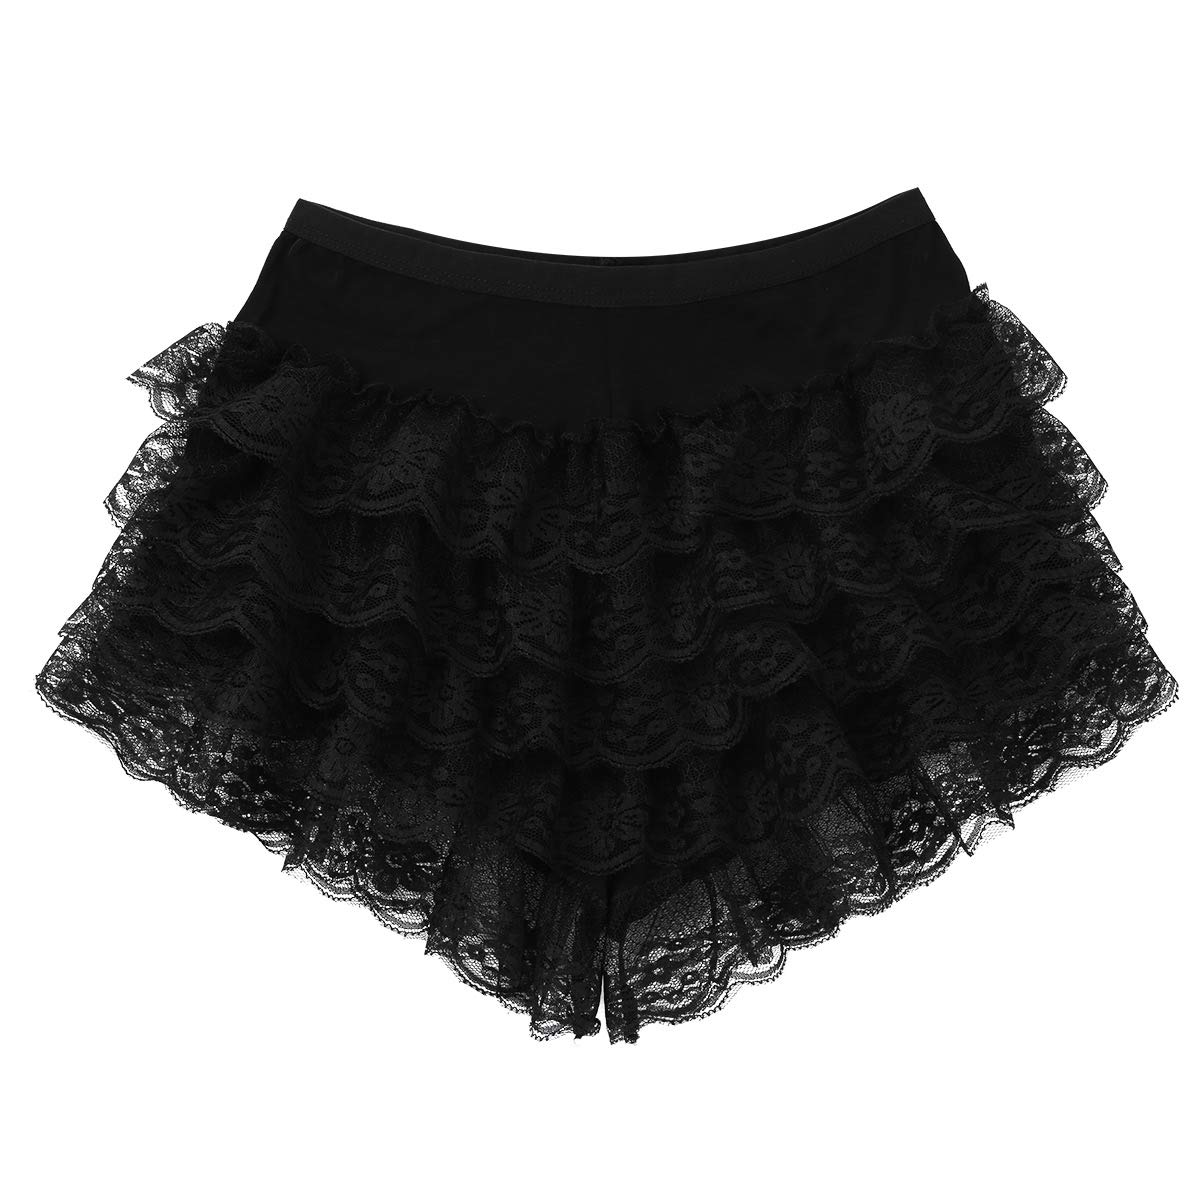 YiZYiF Femme Dentelle Short Bloomer Bermuda Short de S/écurit/é Culotte sous-v/êtement Volants Bas de Pyjama Court Legging Et/é Underwear